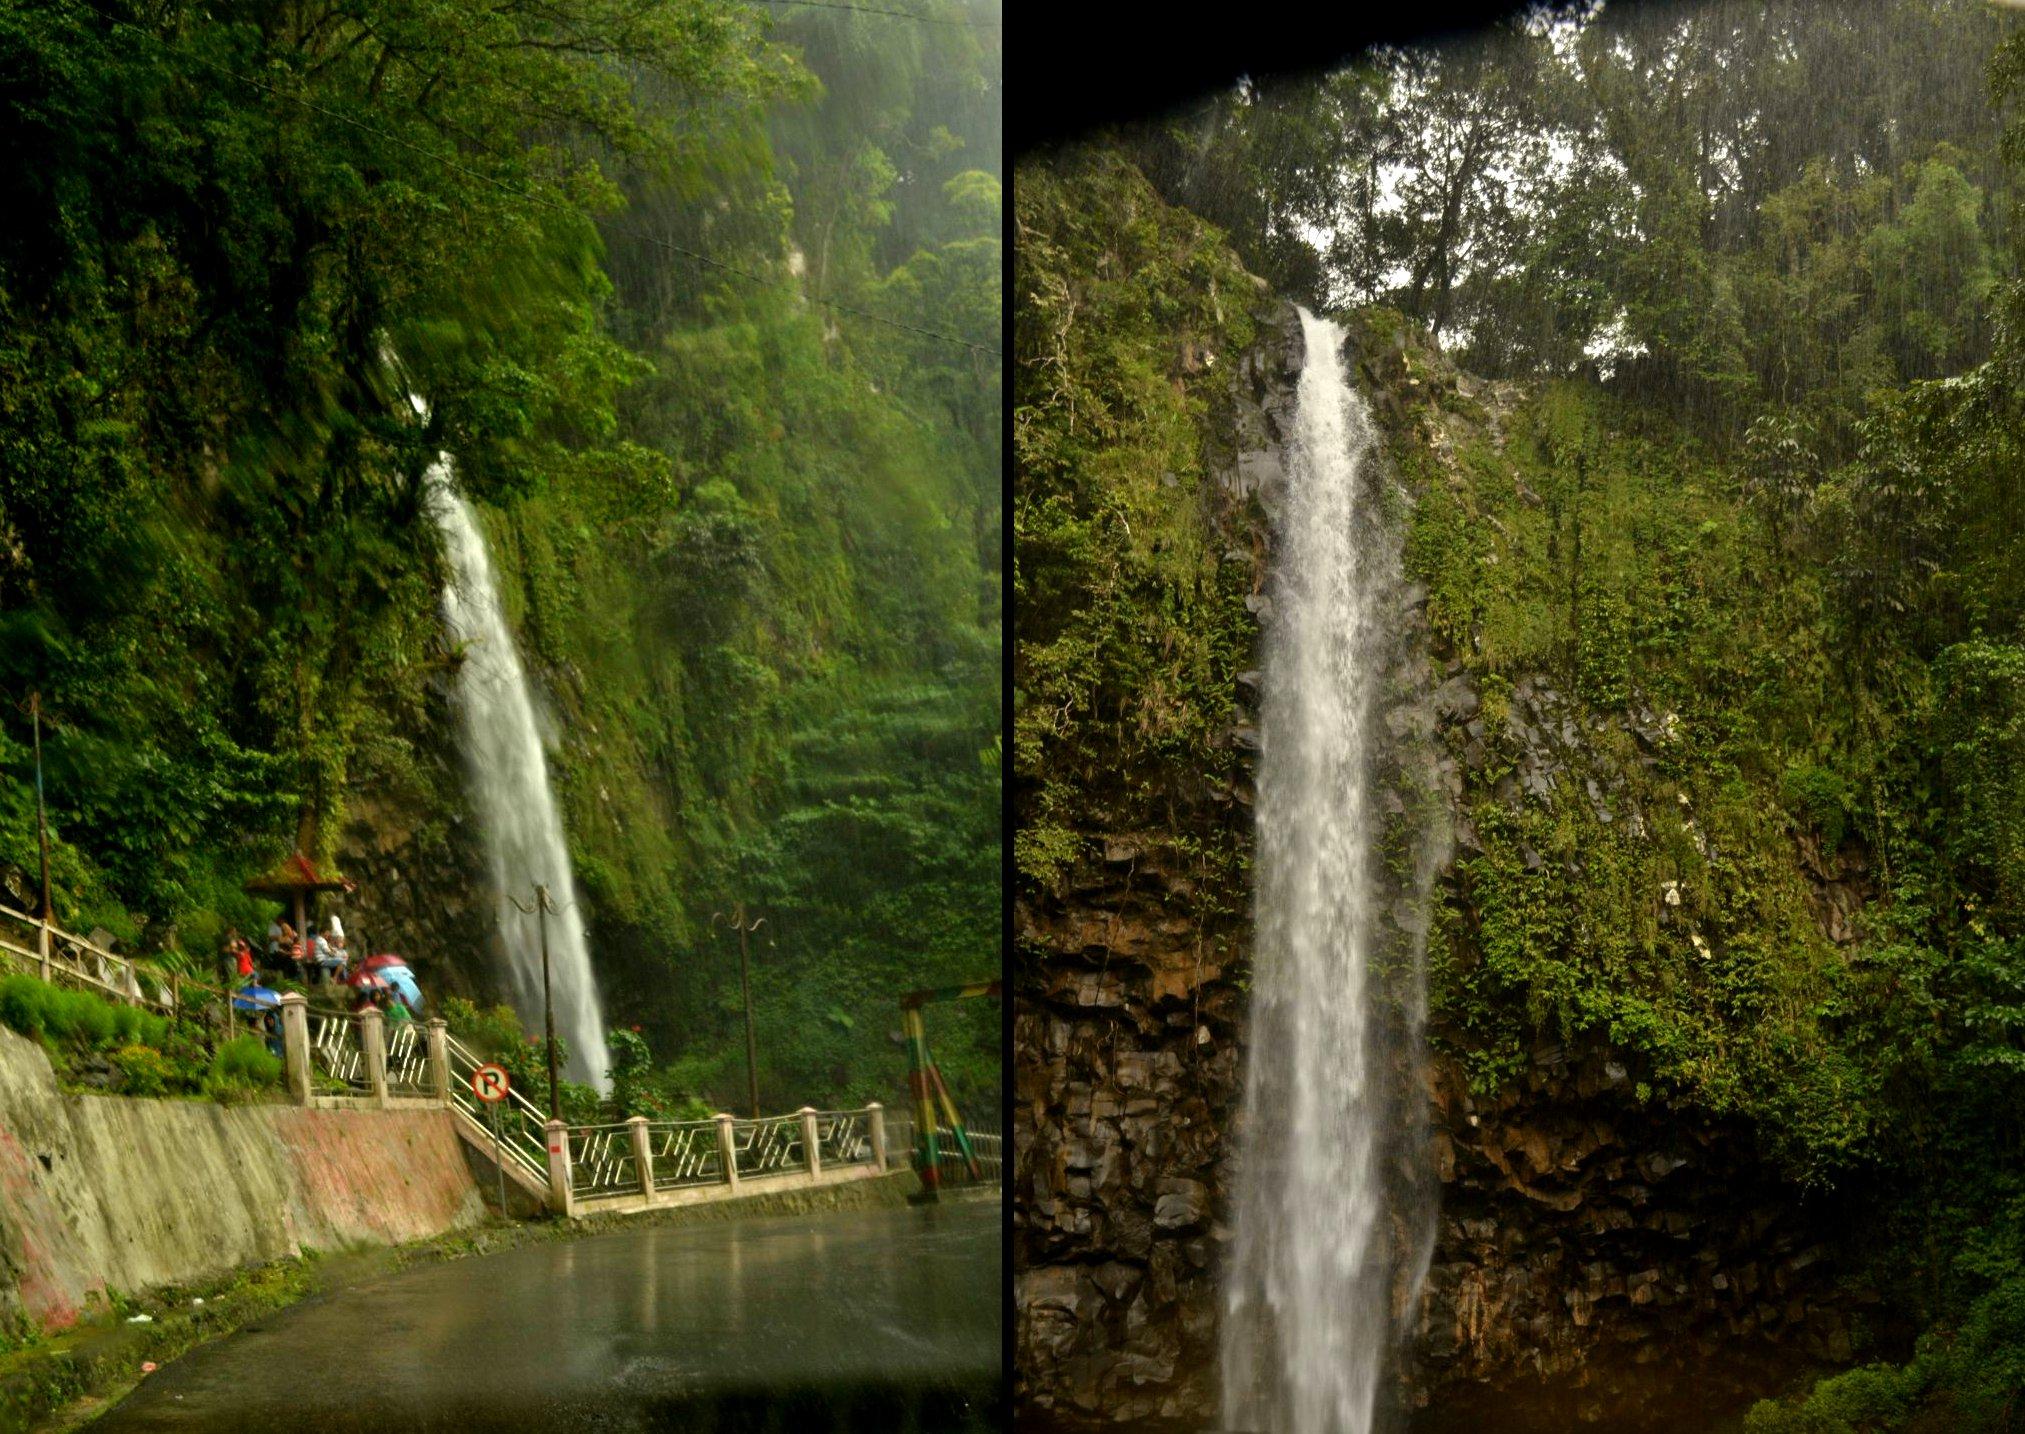 Images Foto Memek Kiriman Remaja Bugil Ngentot Bule Abg #1 | 2025 x ...